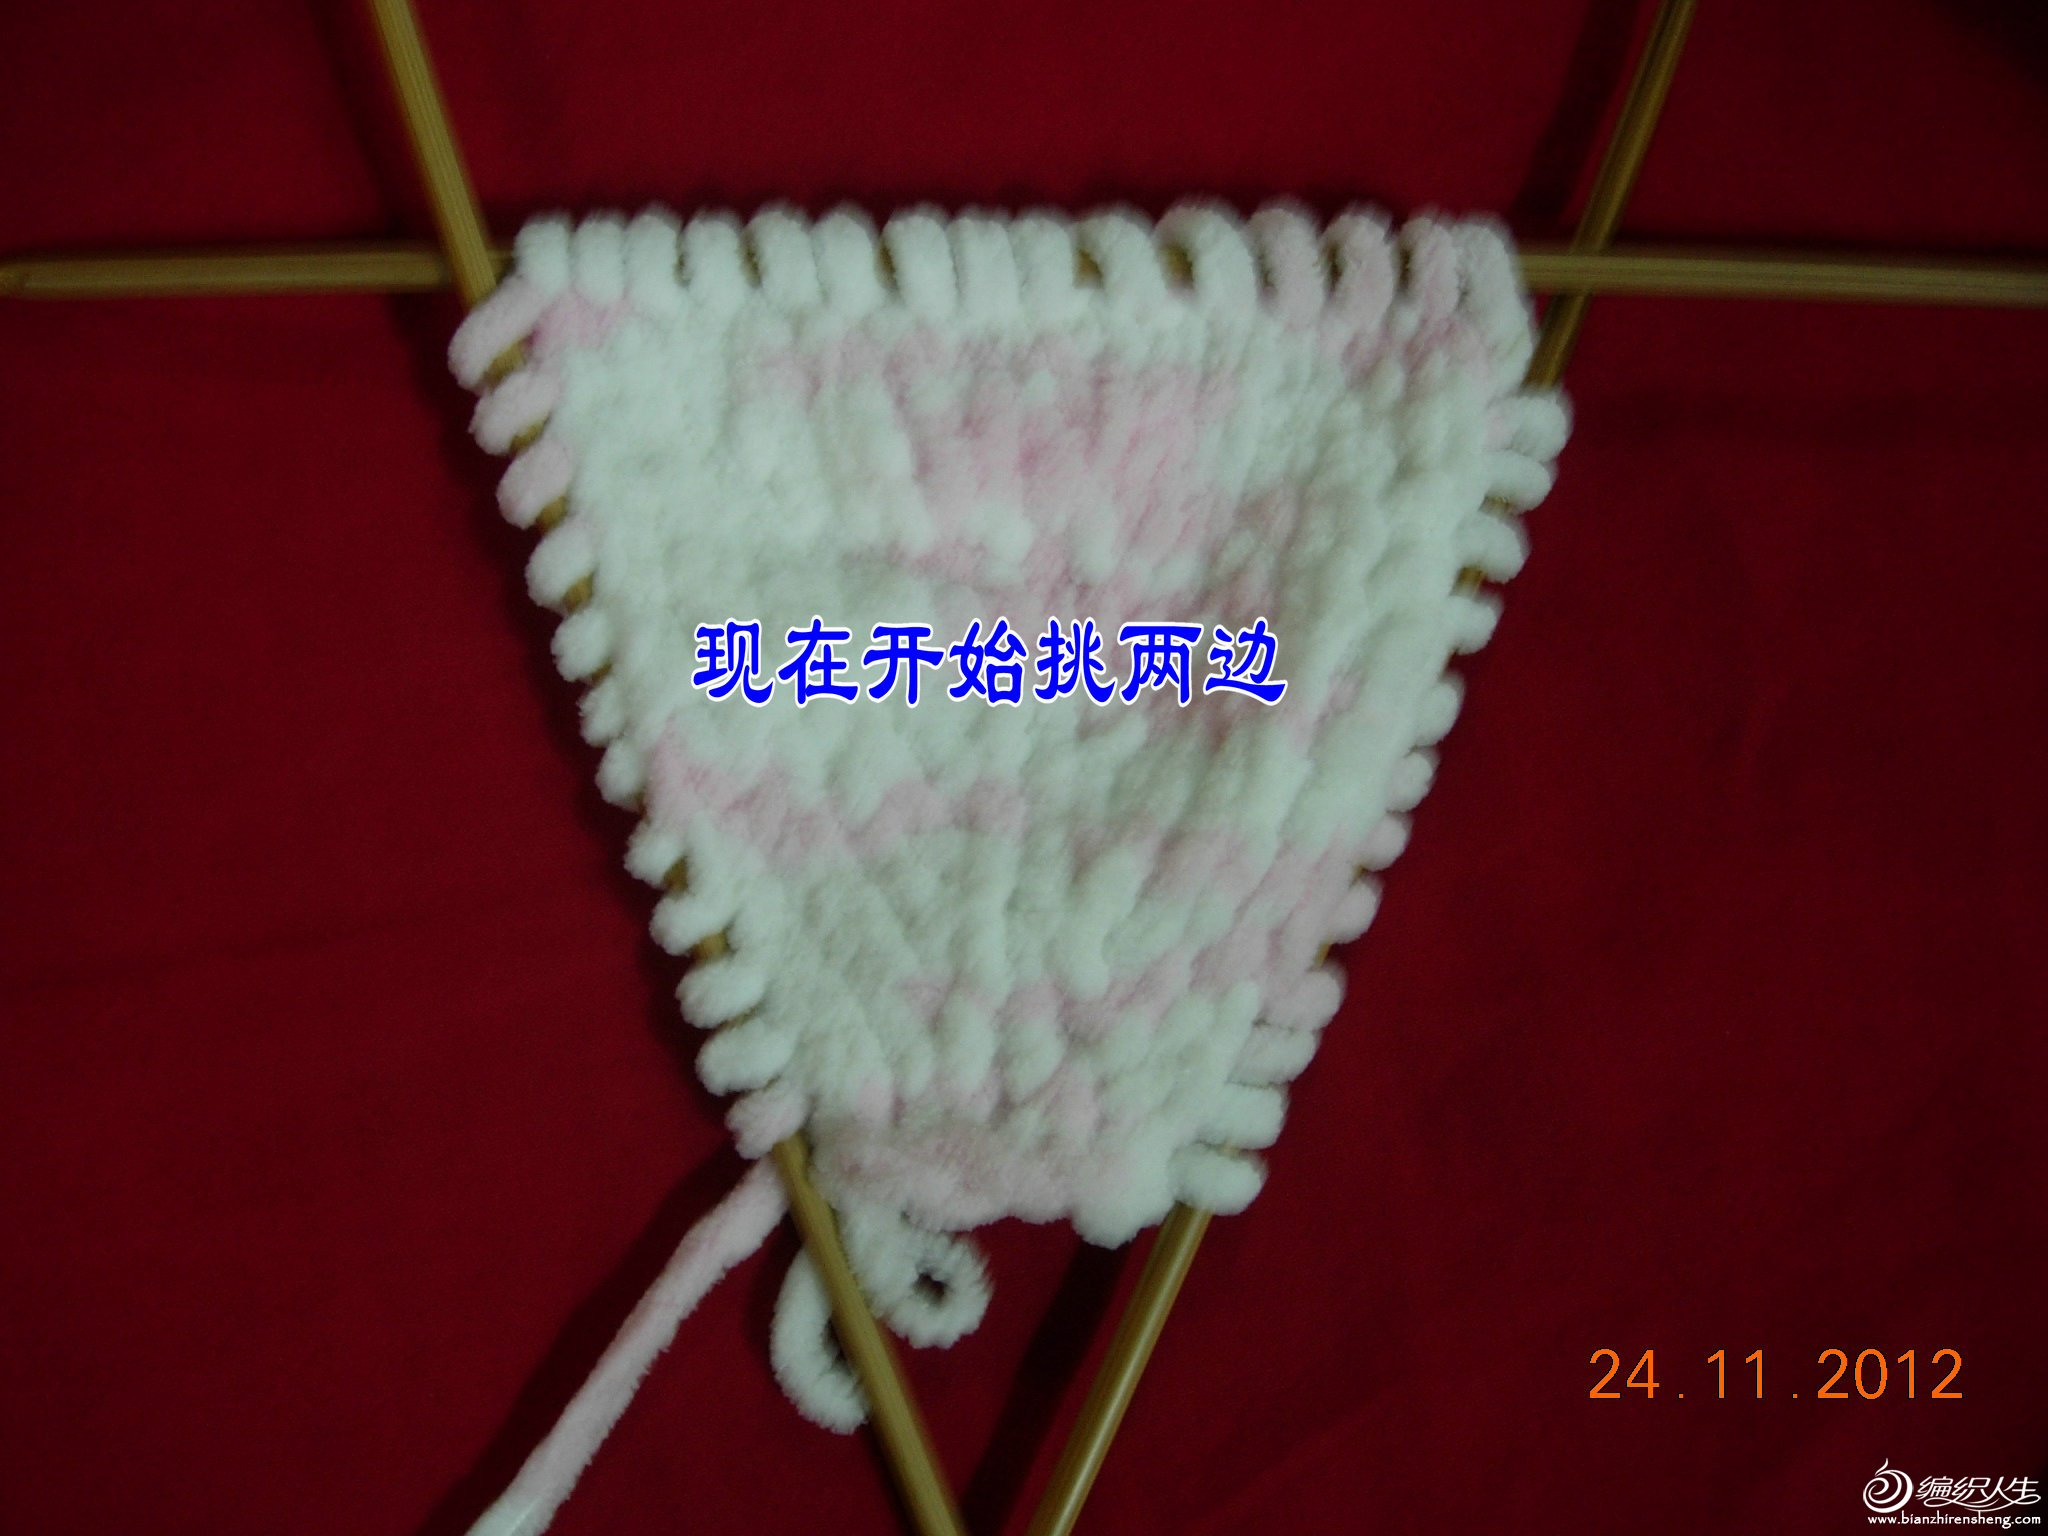 DSCN9808_副本.JPG